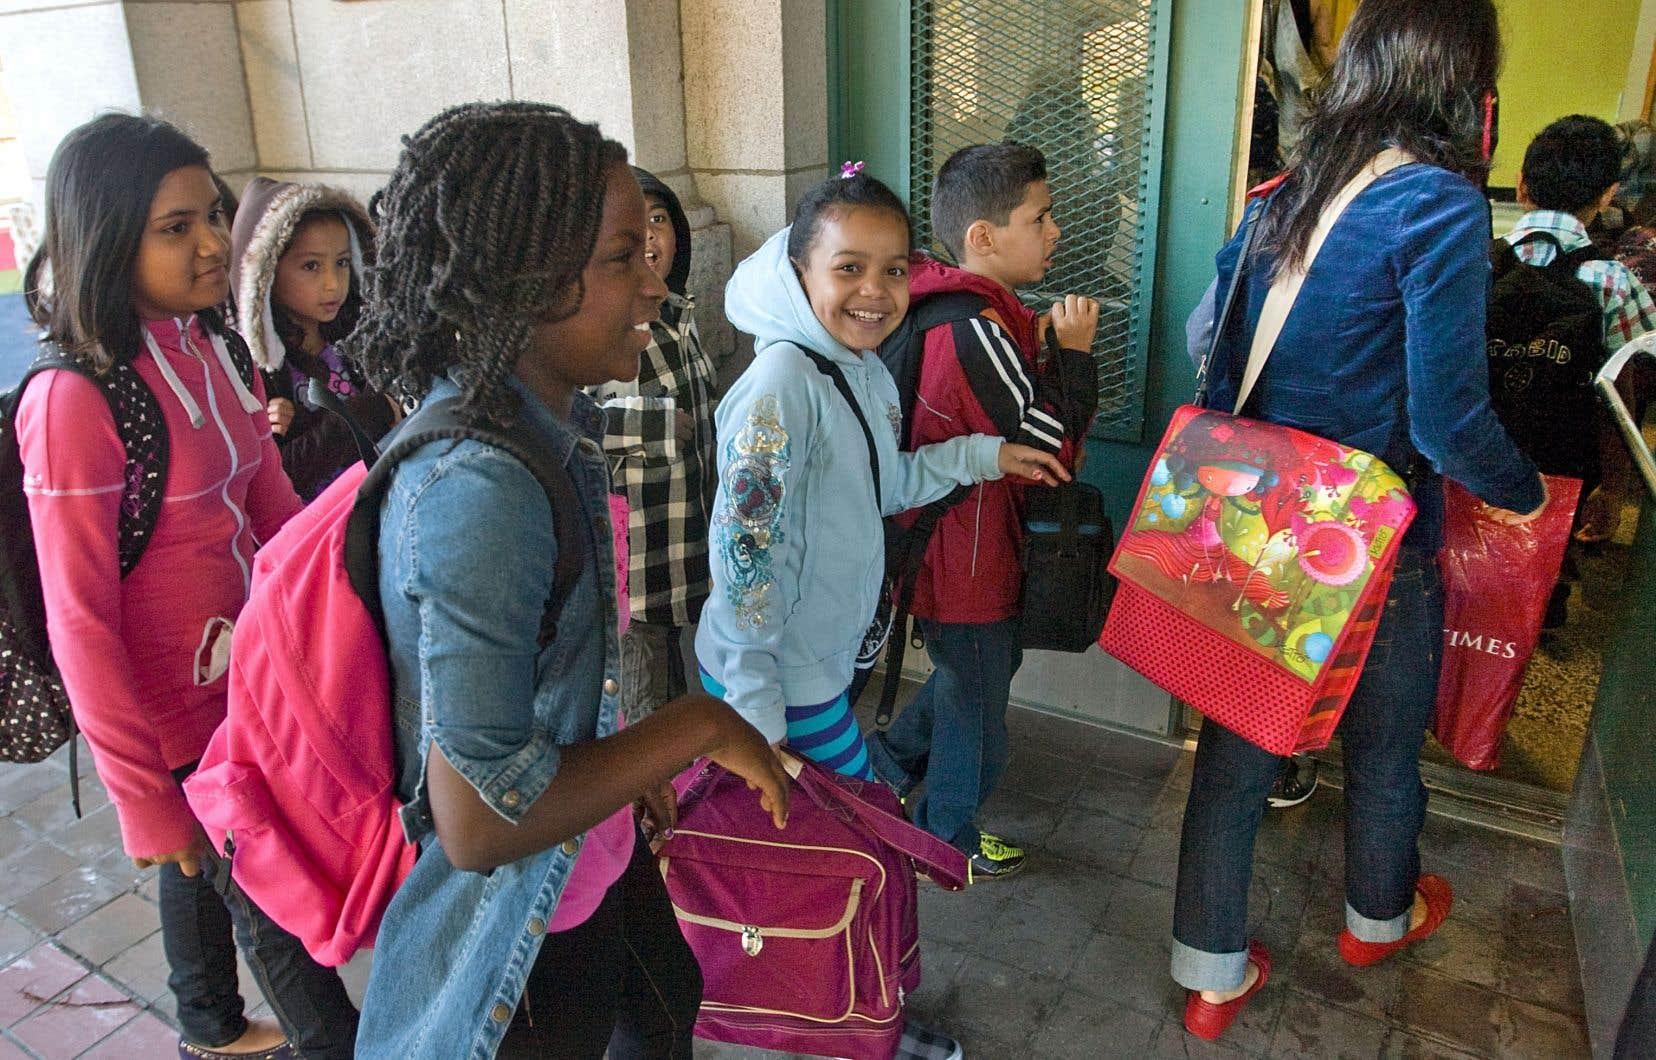 L'école accueille des enfants, par définition influençables, et se doit de préserver les conditions d'acquisition des savoirs et de la culture universelle.